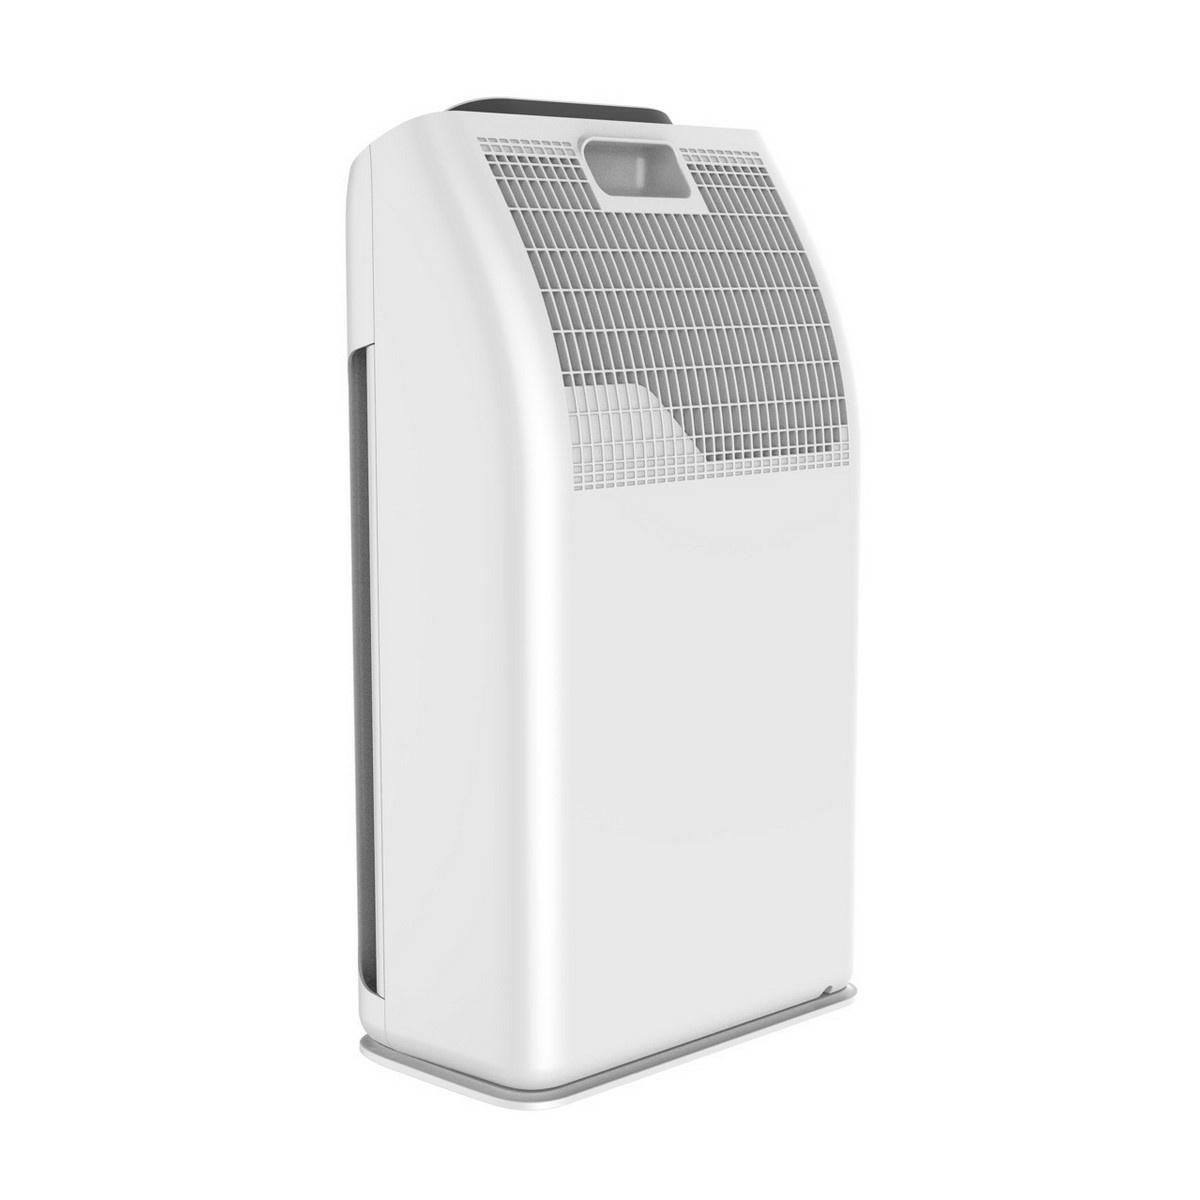 Guzzanti GZ 995 čistička vzduchu